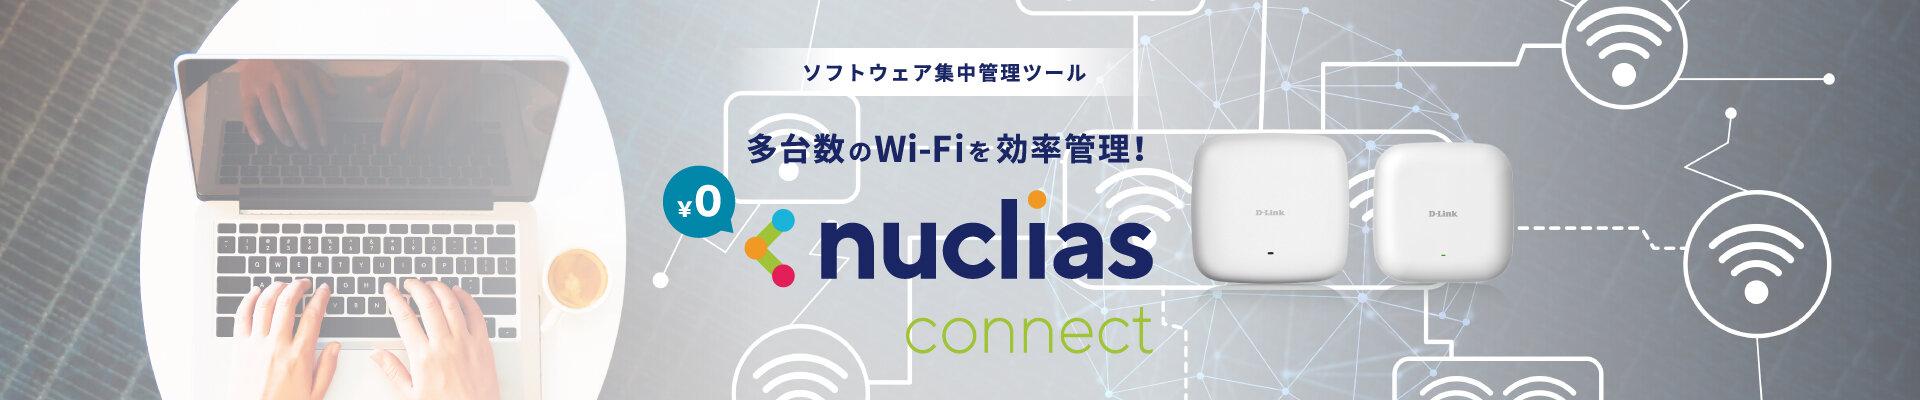 次世代高速Wi-Fi規格 Wi-Fi6 効率性、柔軟性、拡張性が強化され、新規および既存のネットワークで、次世代アプリケーションに対応可能な高速化と要領を実現します。